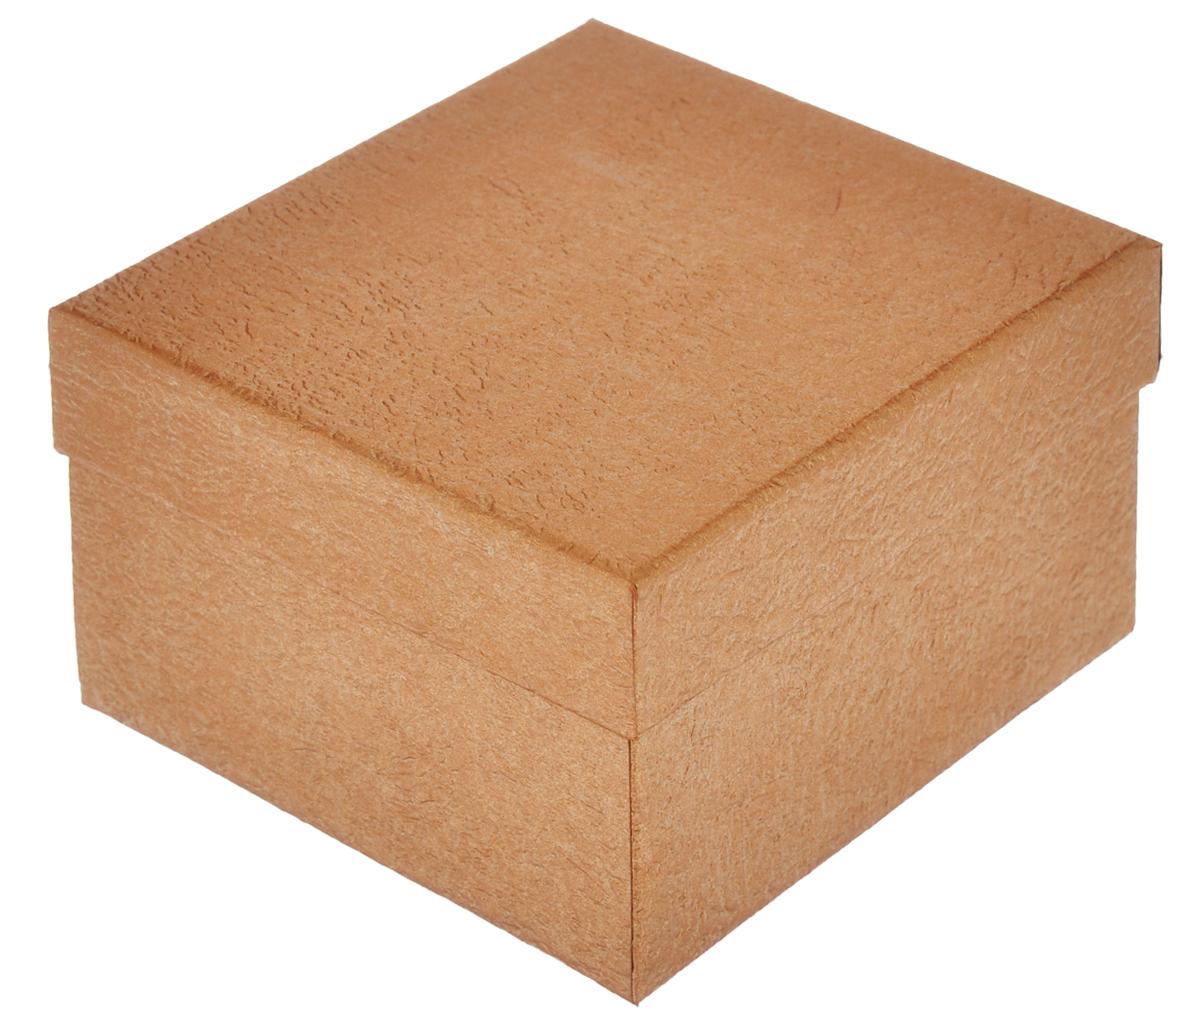 Подарочная коробка Феникс-презент, цвет: золотисто-коричневый, 9 см х 9,5 см х 6 см36293Подарочная коробка Феникс-презент выполнена из мелованного, негофрированного картона. Вместительная коробка закрывается крышкой. Подарочная коробка - это наилучшее решение, если вы хотите порадовать ваших близких и создать праздничное настроение, ведь подарок, преподнесенный в оригинальной упаковке, всегда будет самым эффектным и запоминающимся. Окружите близких людей вниманием и заботой, вручив презент в нарядном, праздничном оформлении.